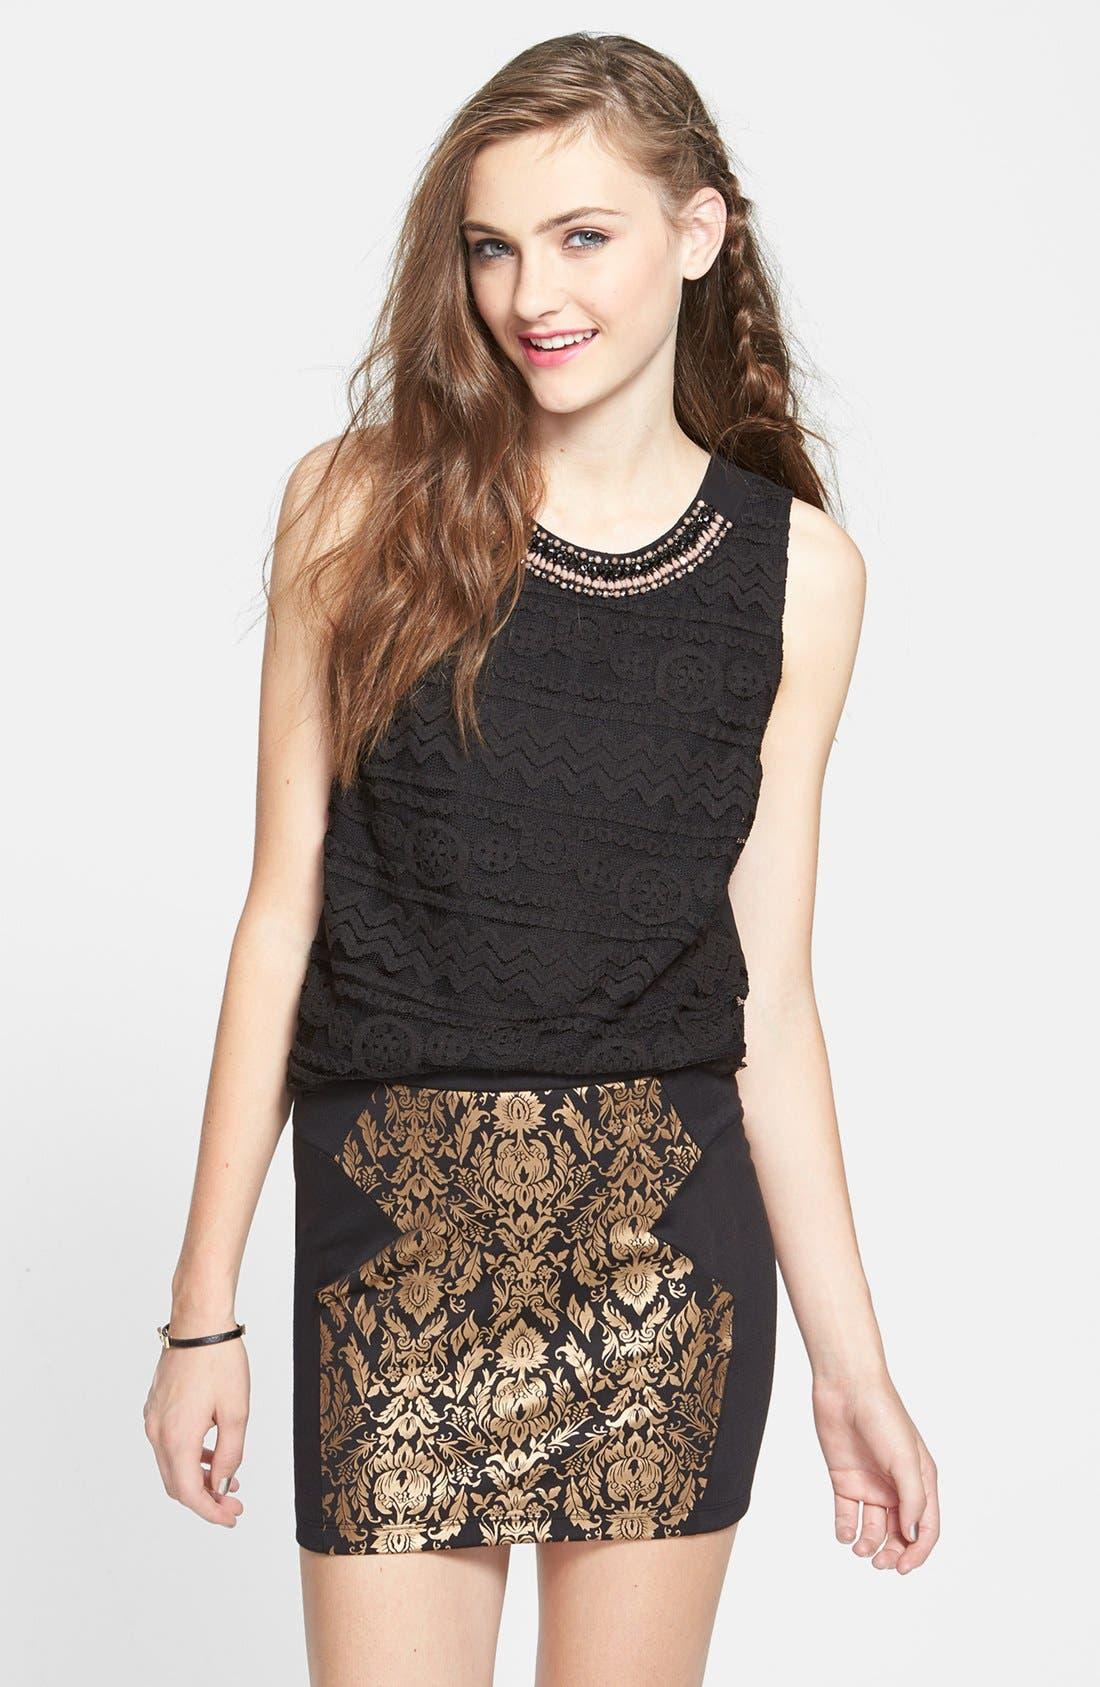 Alternate Image 1 Selected - Lush Metallic Damask Miniskirt (Juniors) (Online Only)